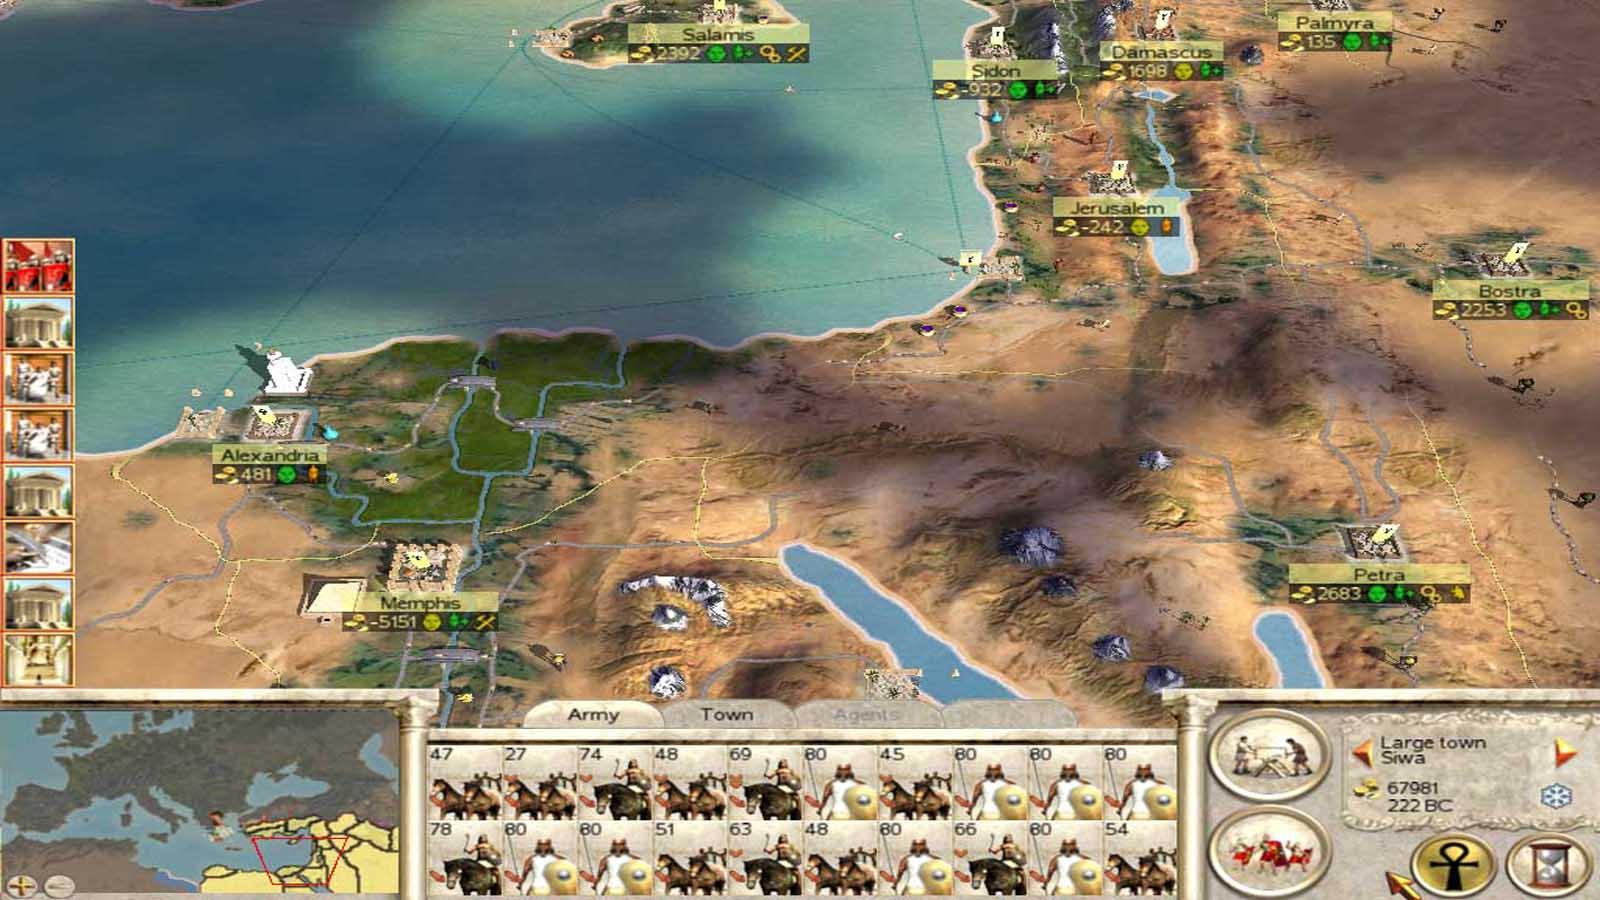 تحميل لعبة Rome Total War 1 مضغوطة كاملة بروابط مباشرة مجانا